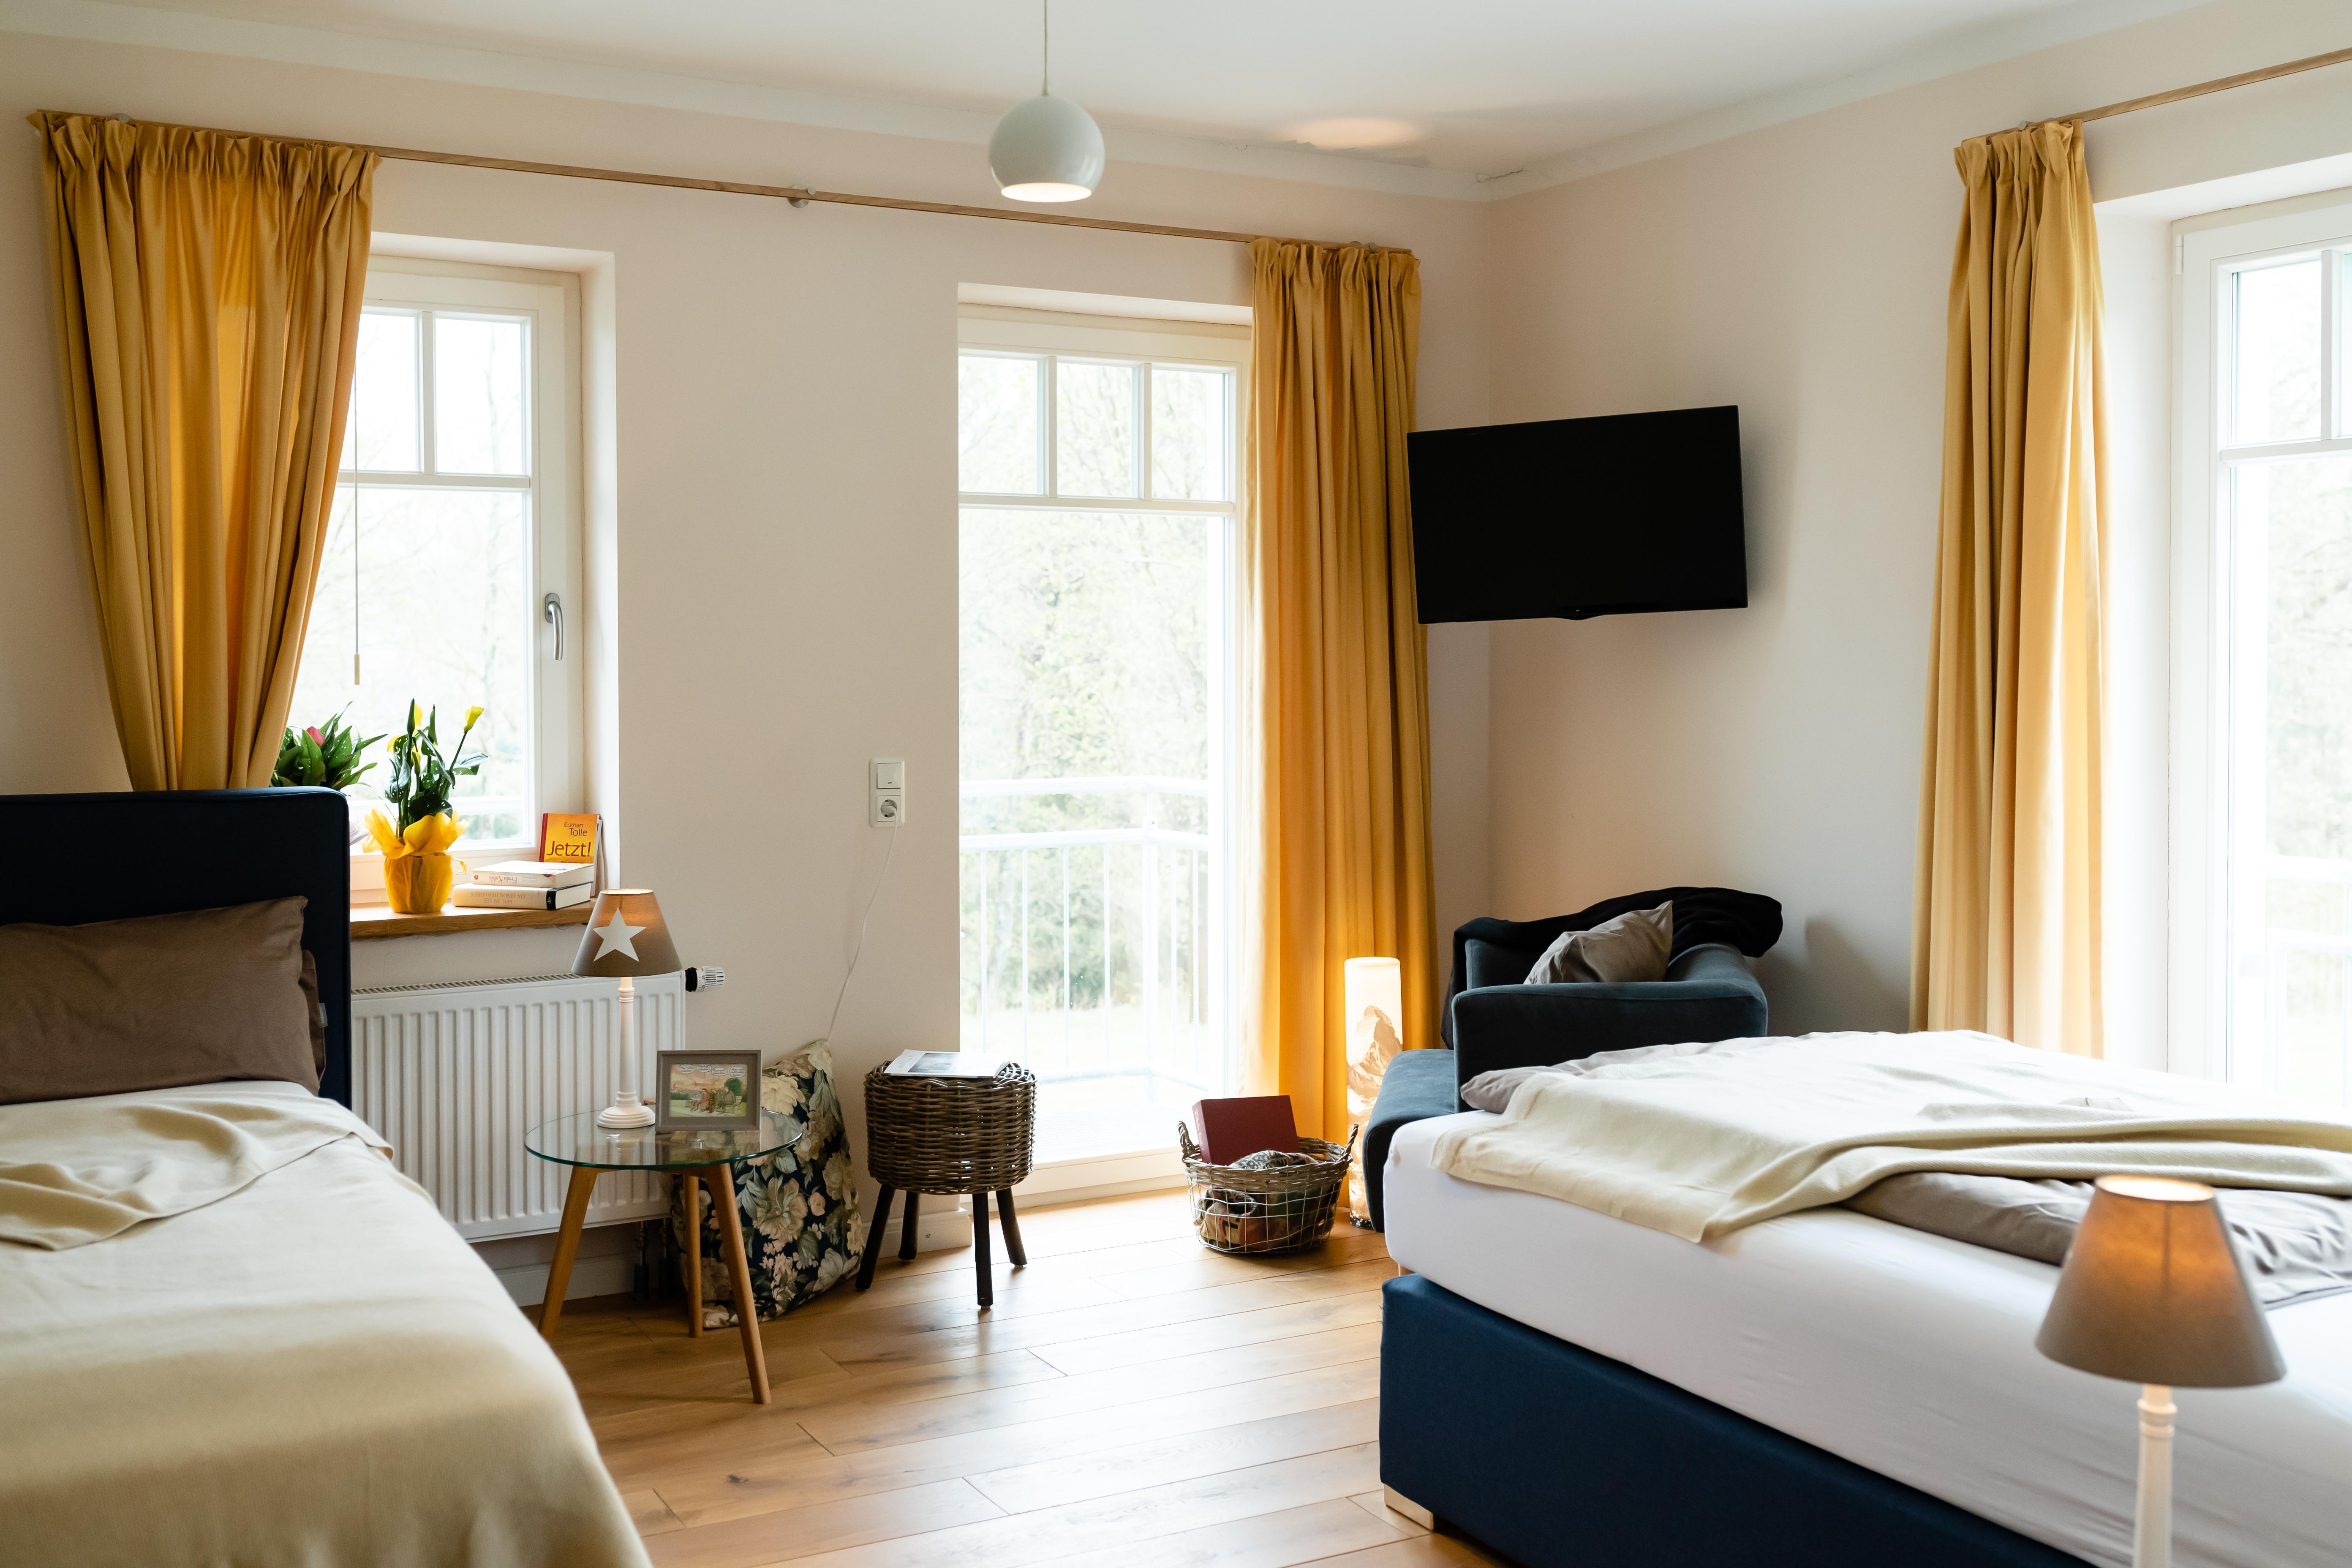 Am Hexenstieg - Land- und Seminarhaus in Buntenbock - Zweibettzimmer